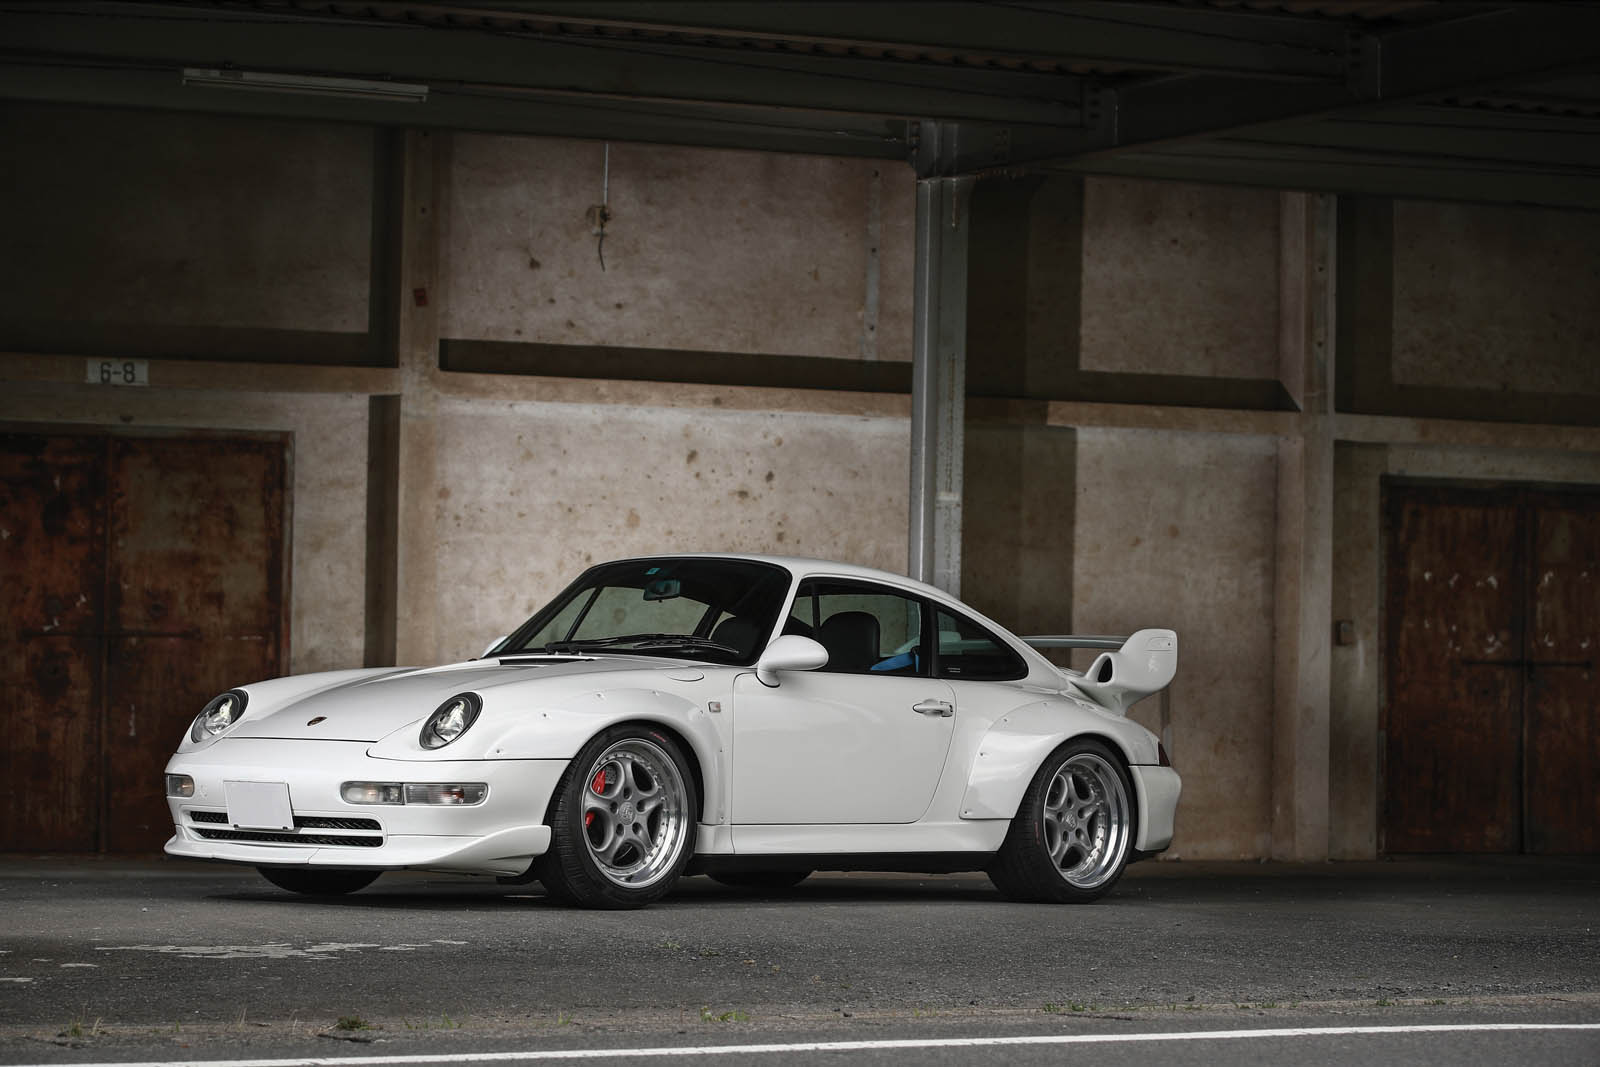 Porsche 911 993 in auctions (19)